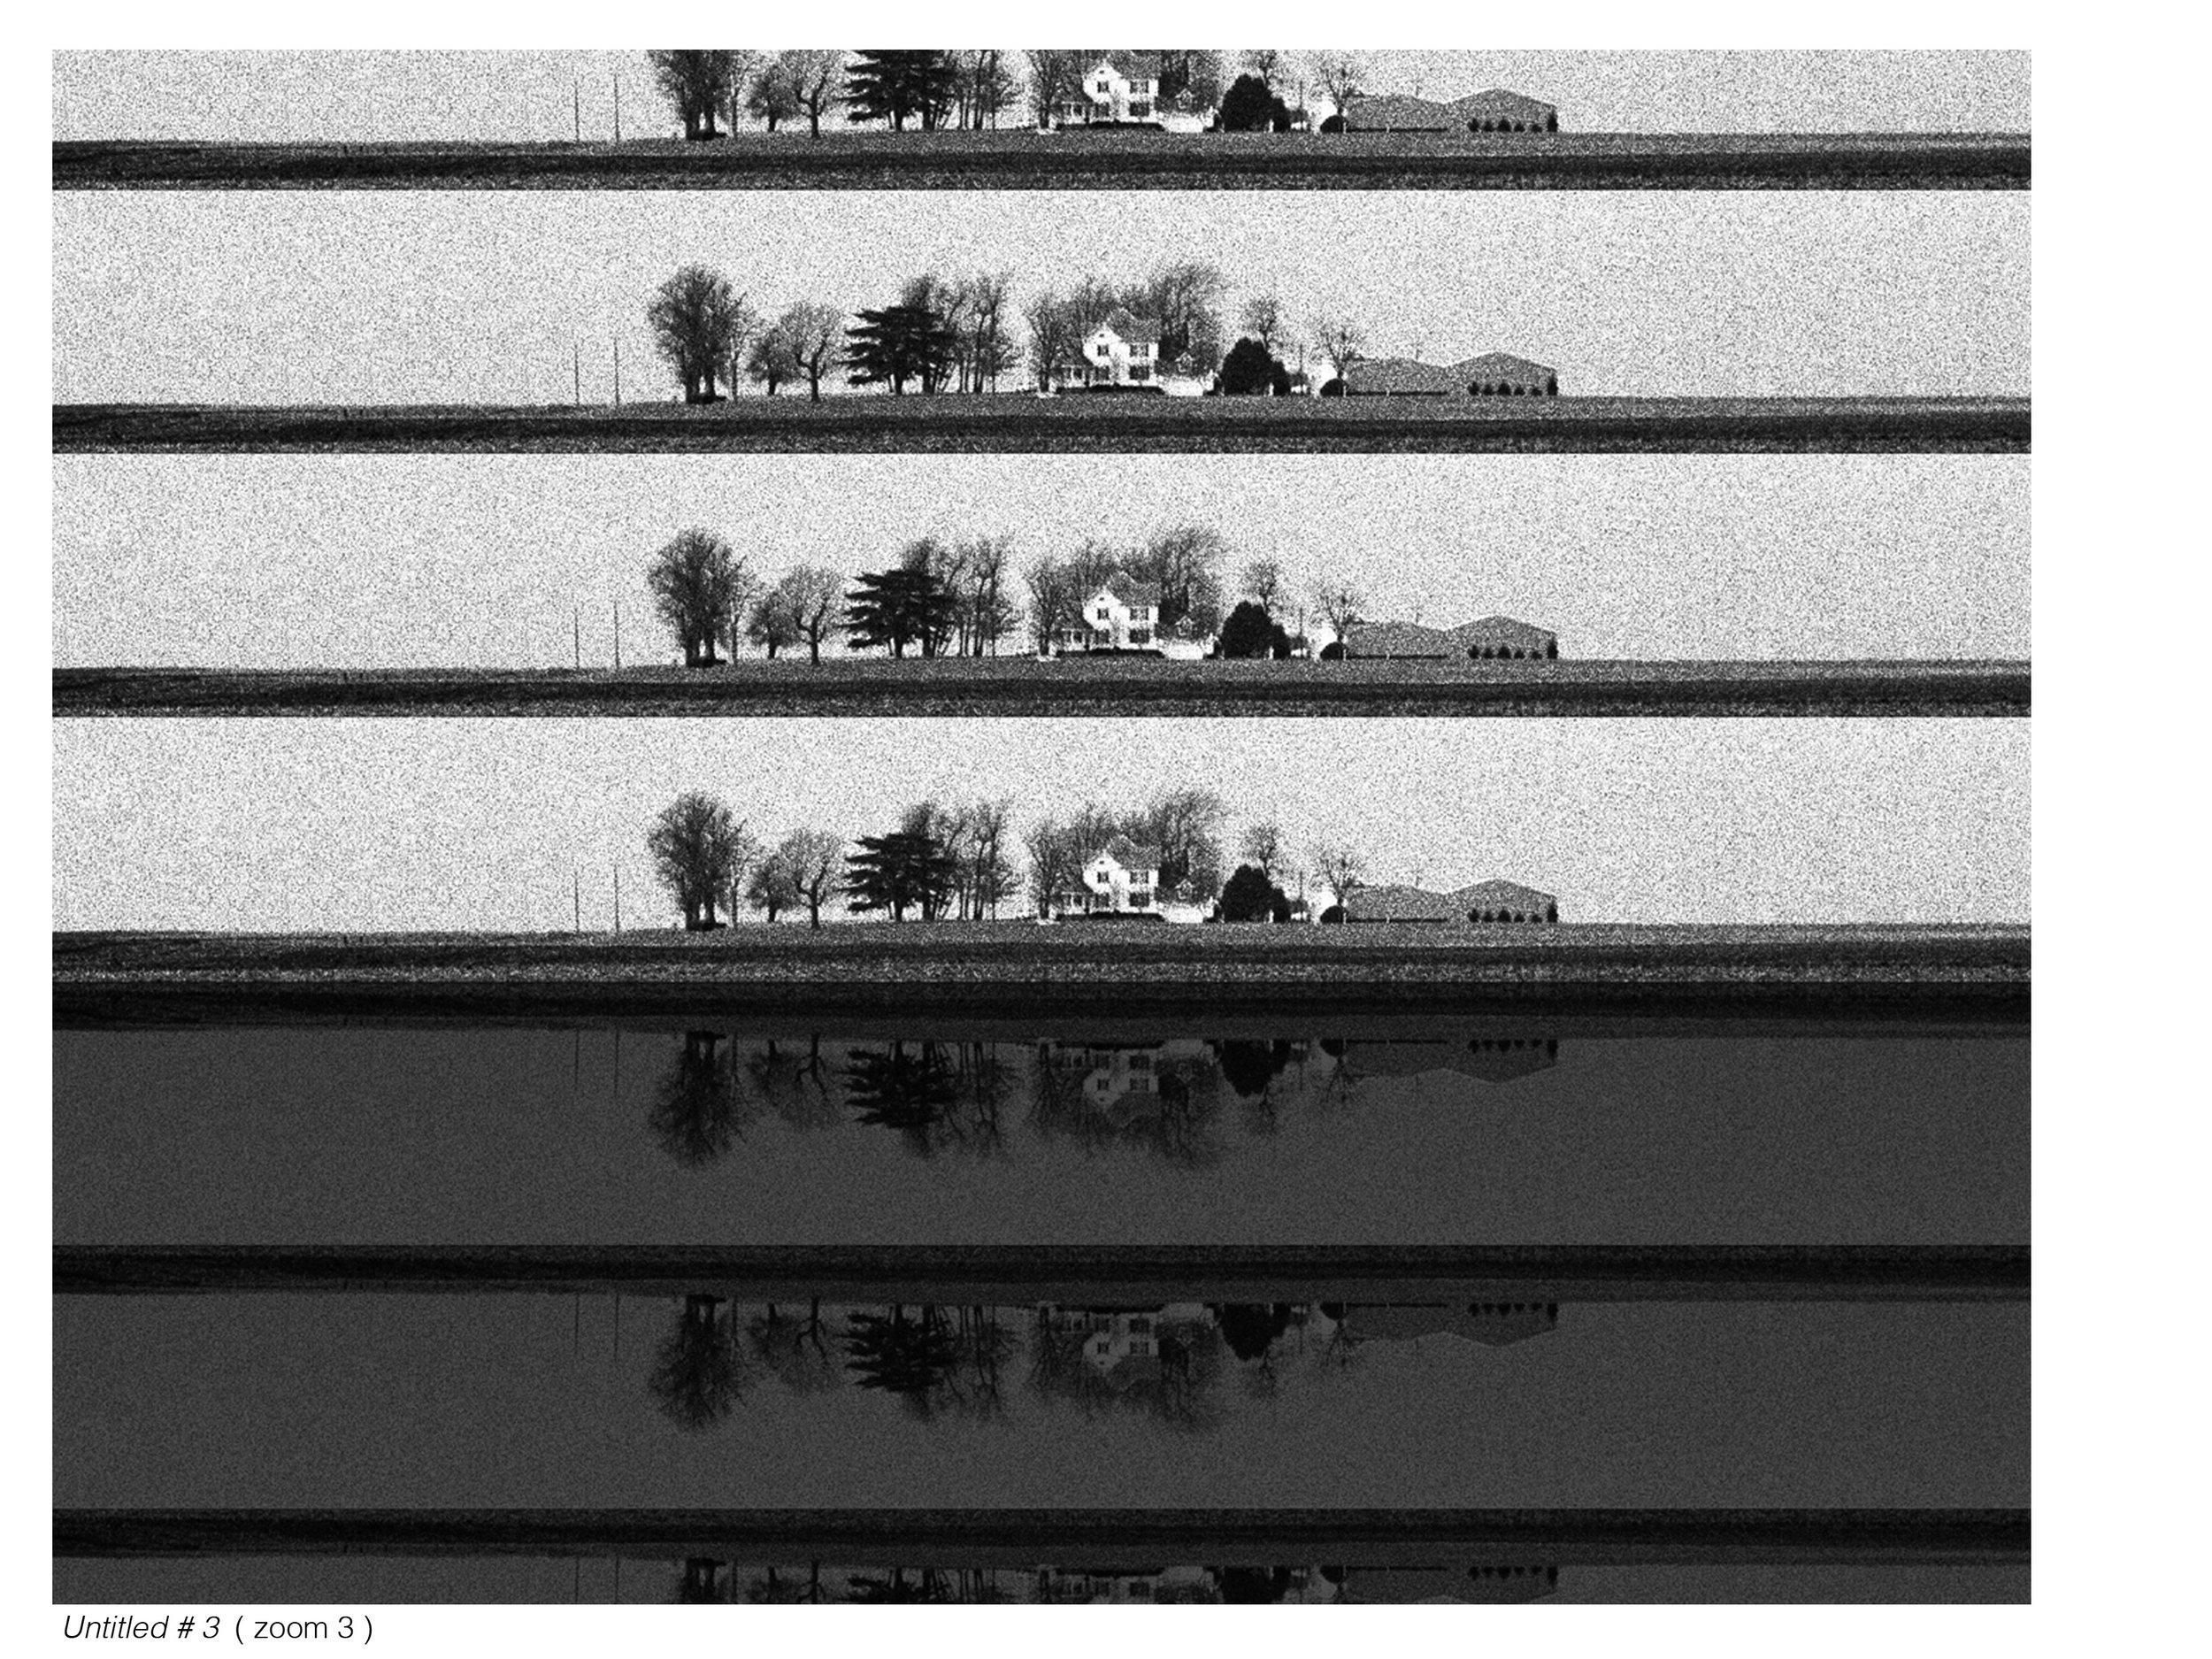 untitled+3+zoom+3.jpg